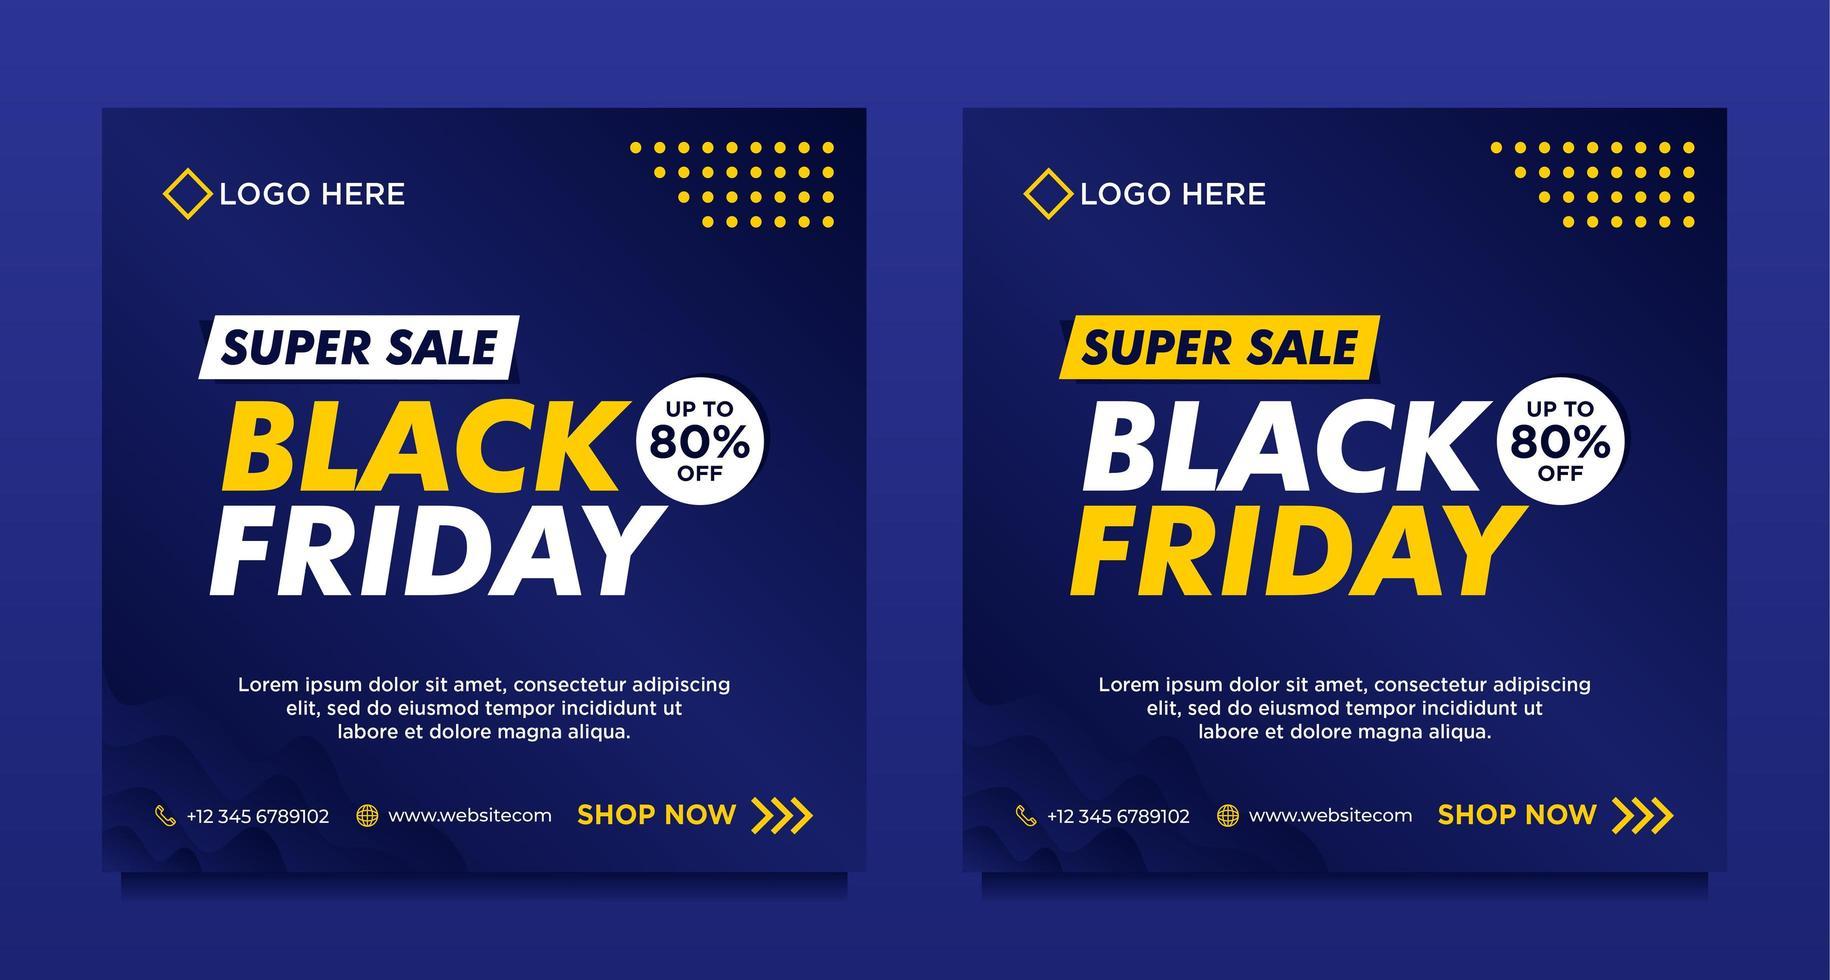 plantillas de banner de redes sociales de venta de viernes negro azul vector